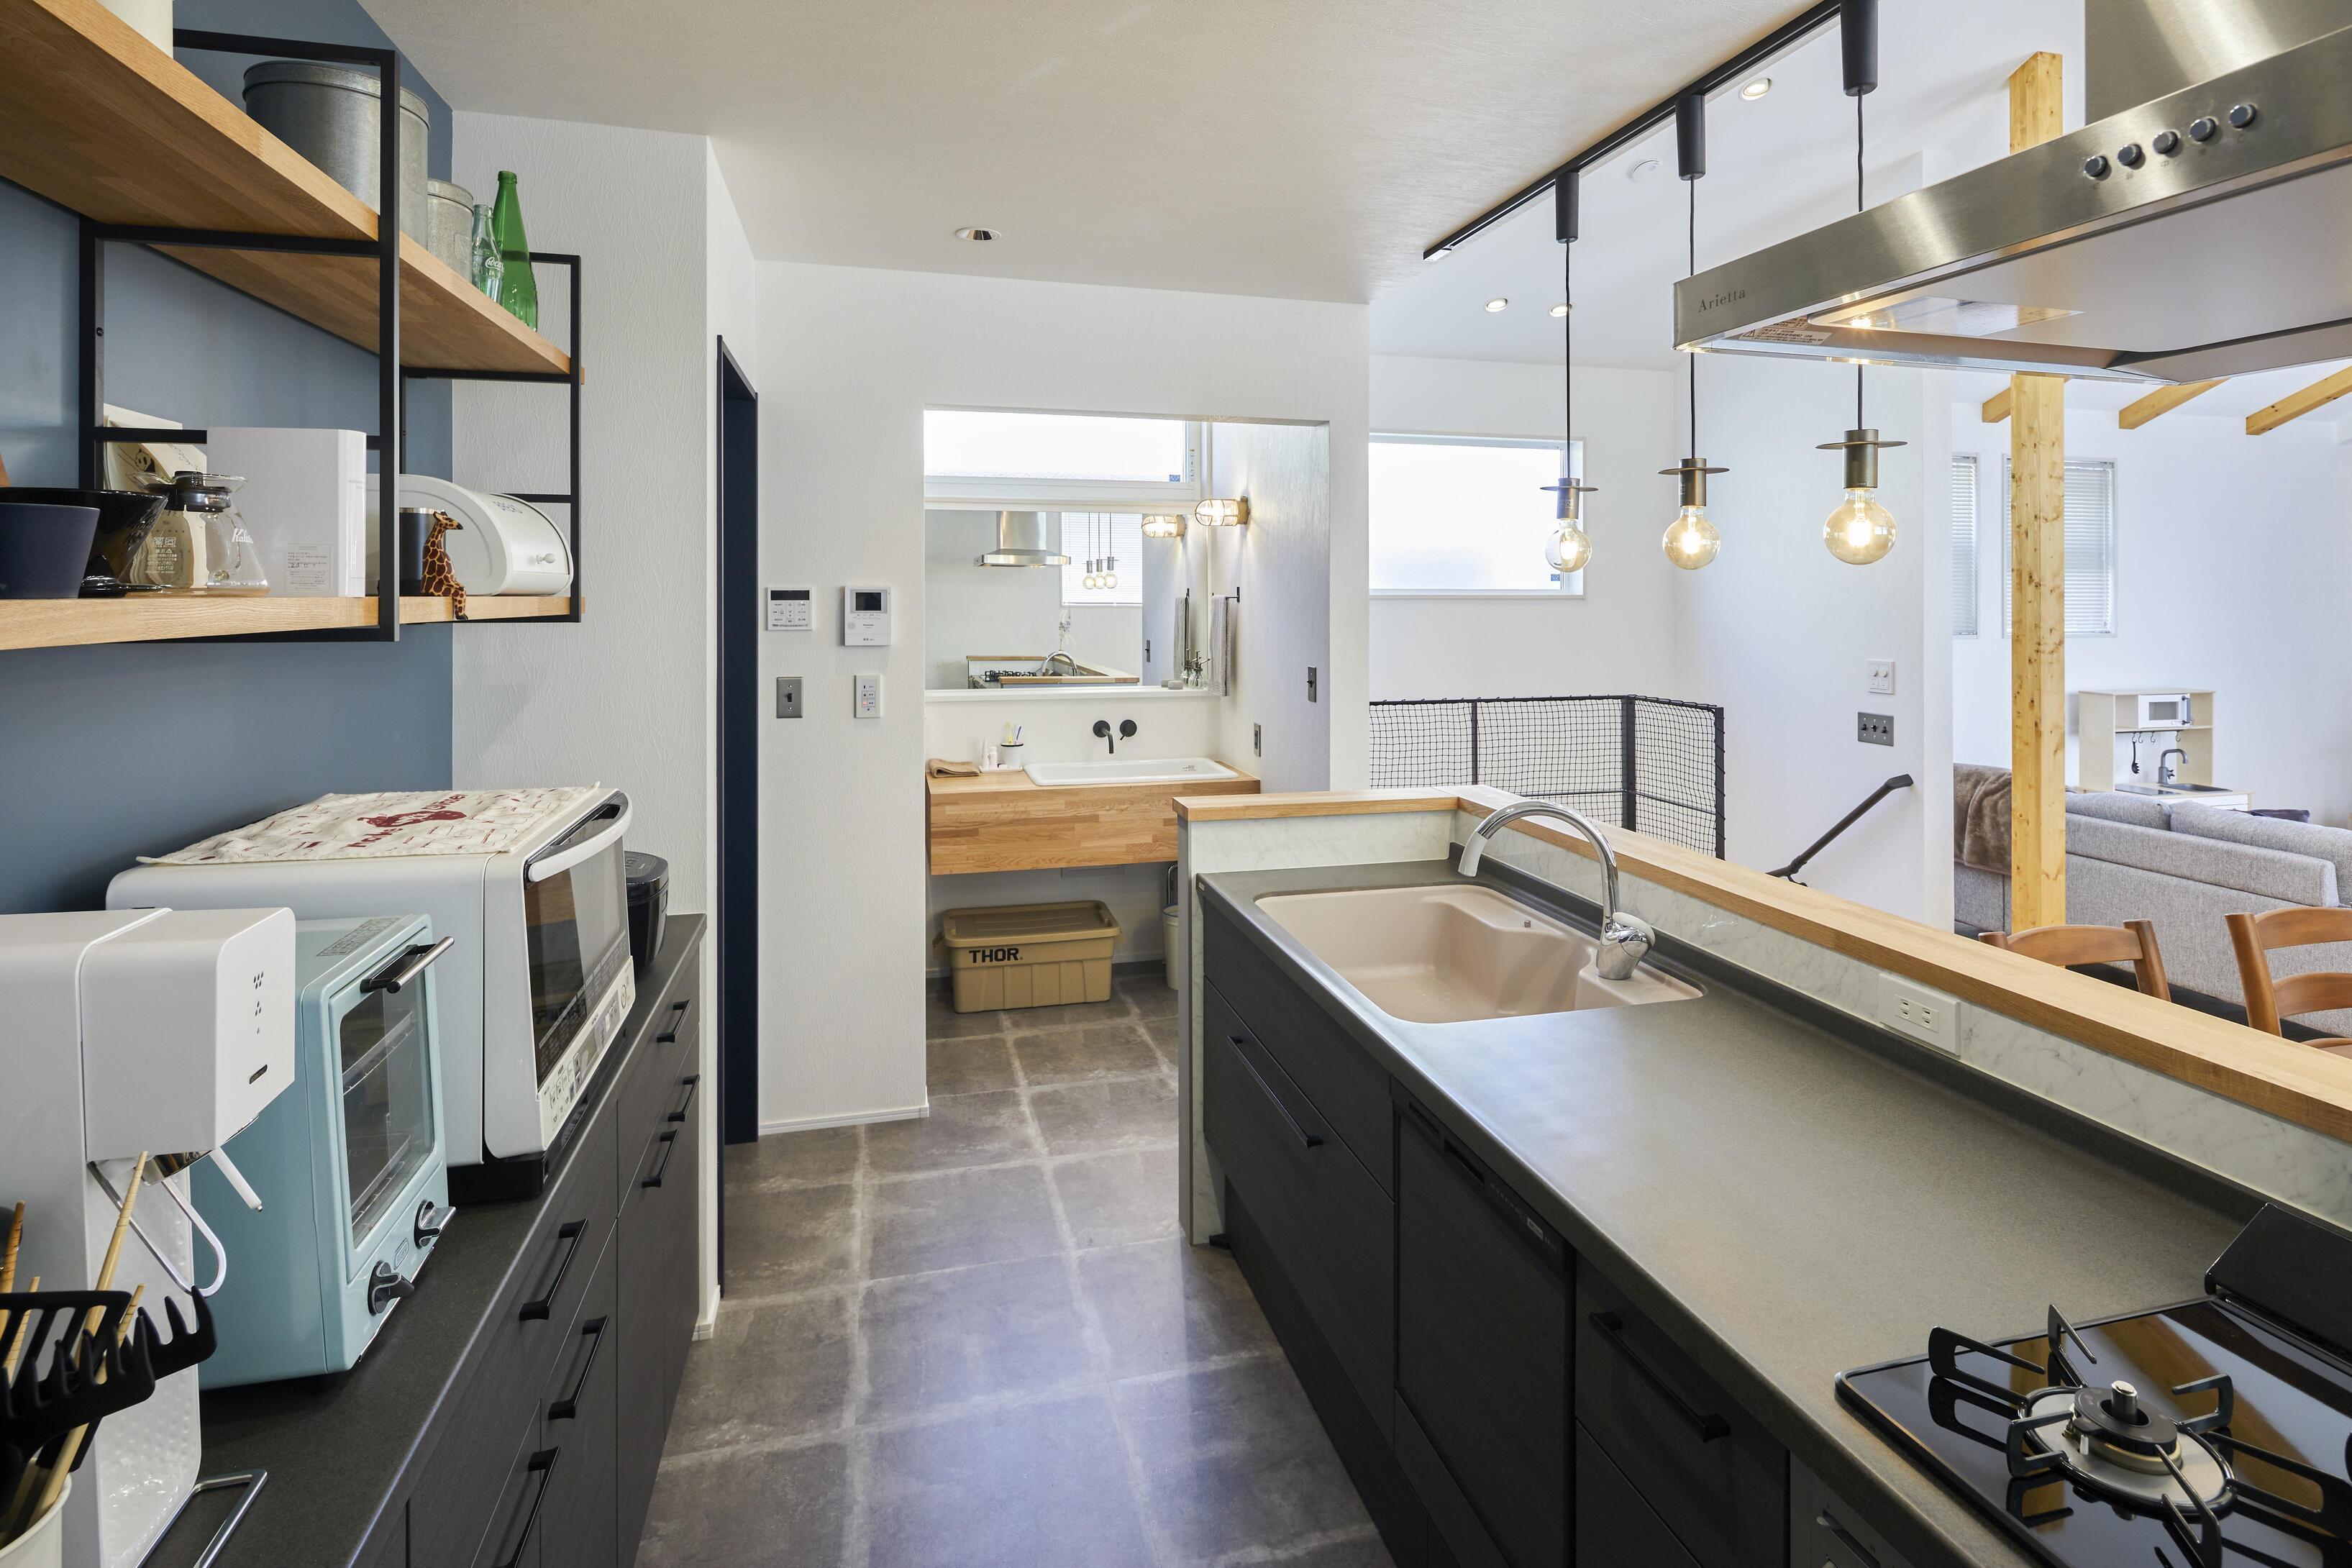 キッチンから洗面台までの水回りの床はコンクリート調にして、空間を緩やかに仕切っている